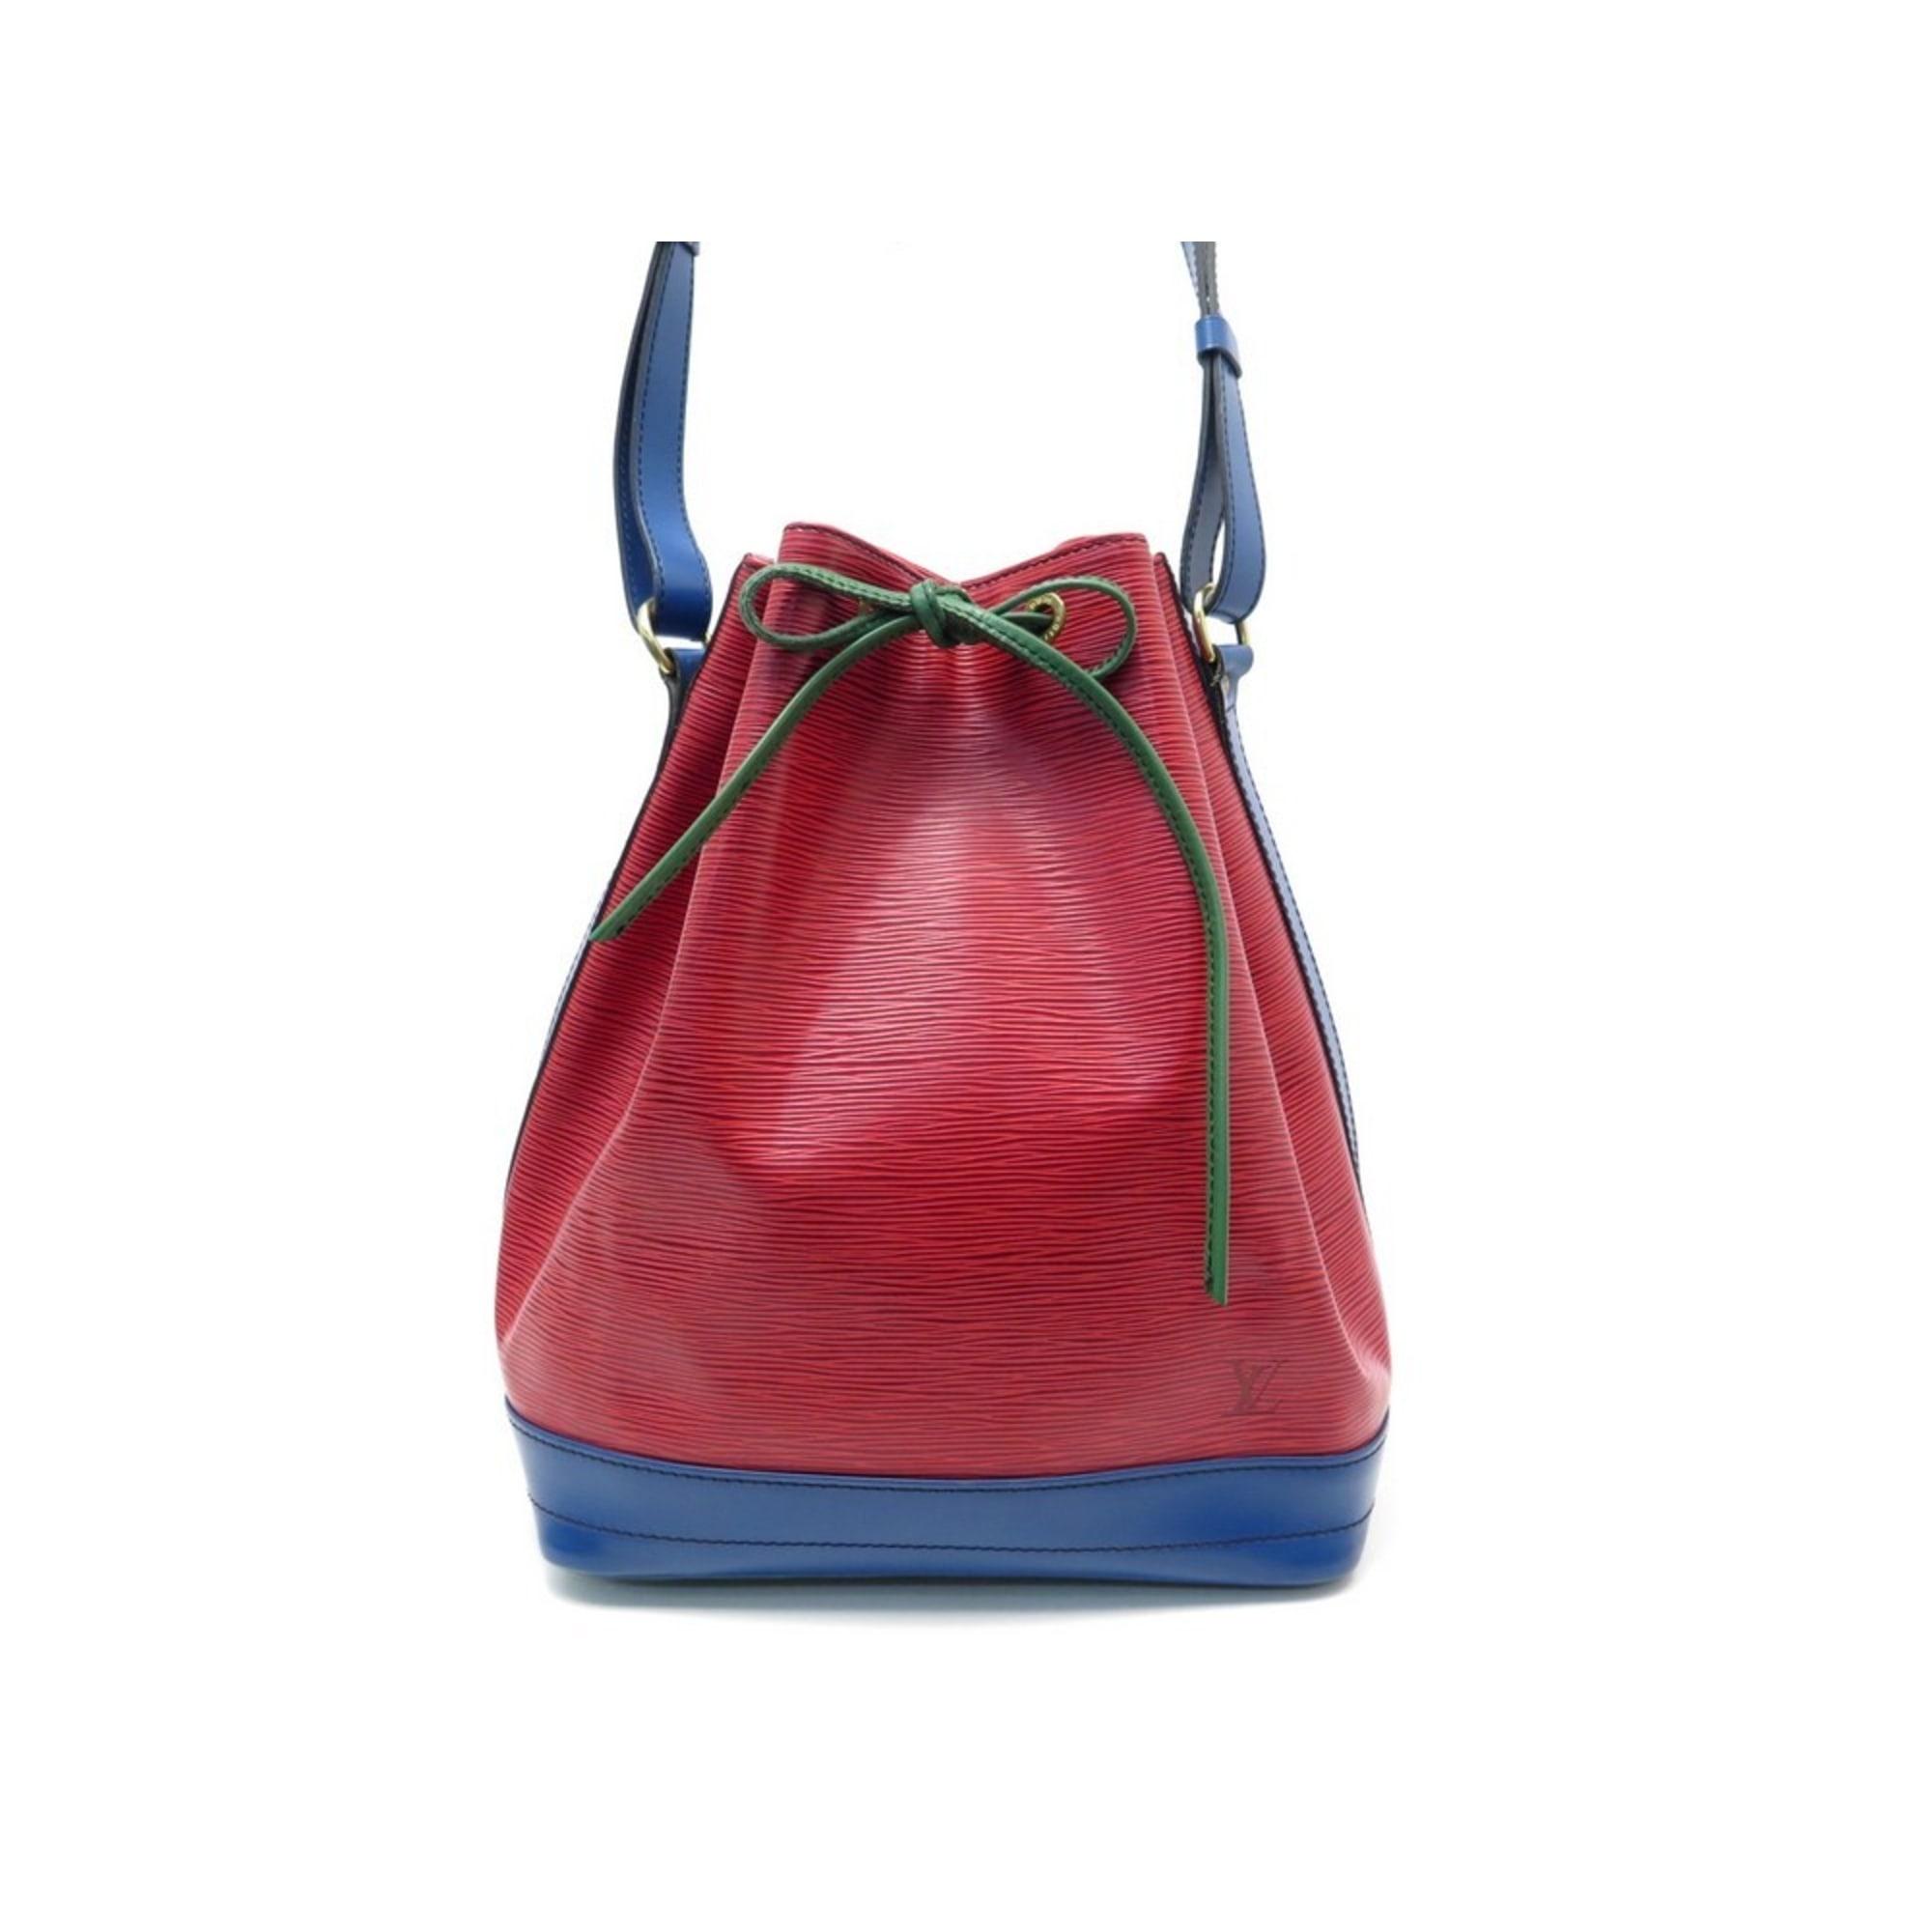 Lederhandtasche LOUIS VUITTON tricolore